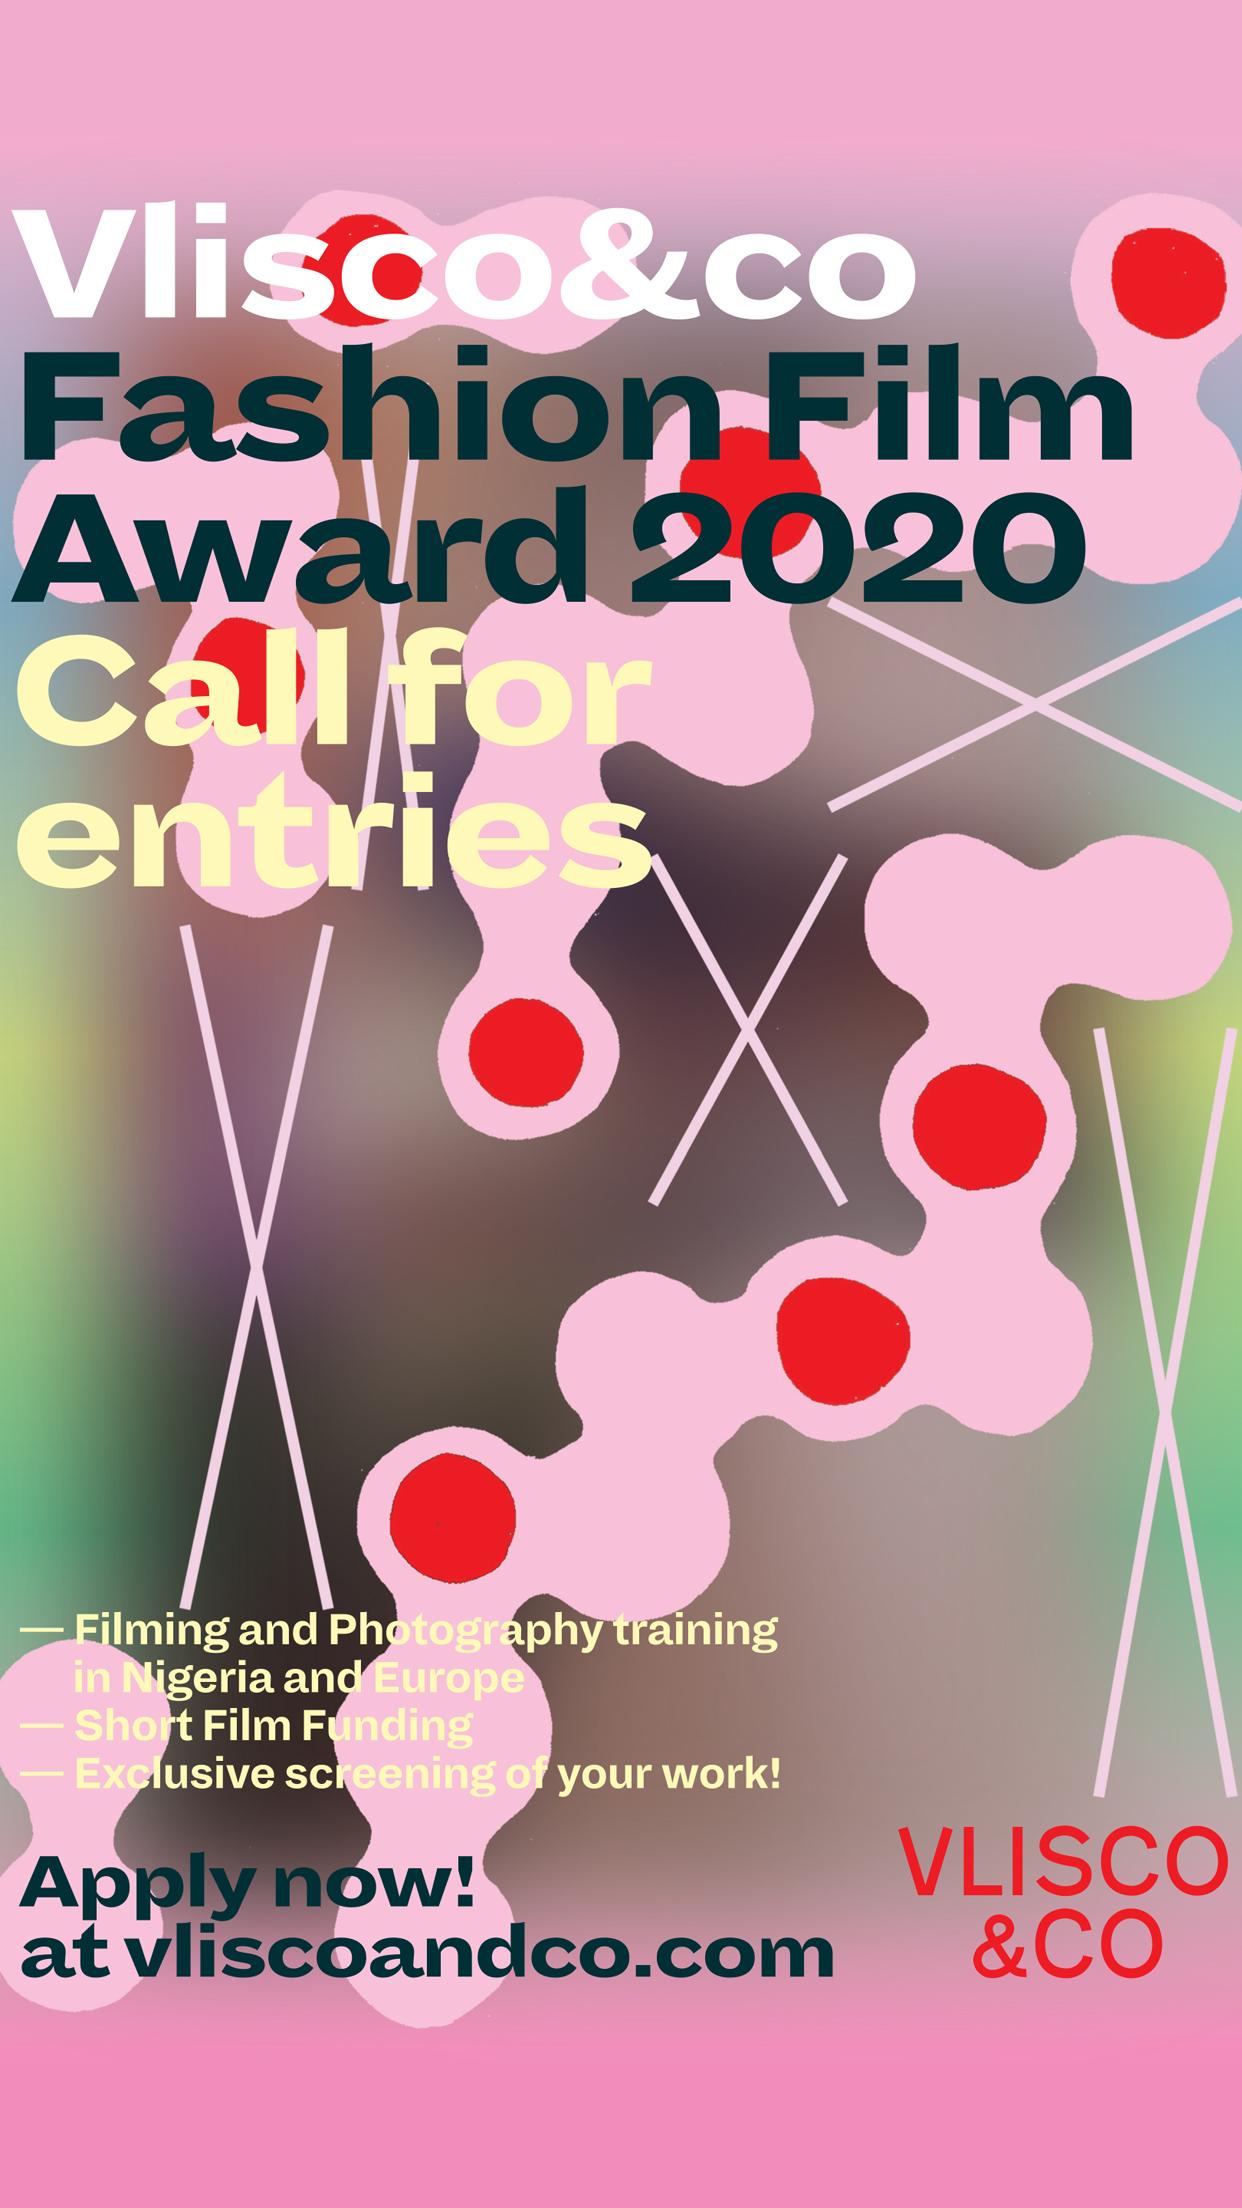 Vlisco&co's Fashion Film Award 2020